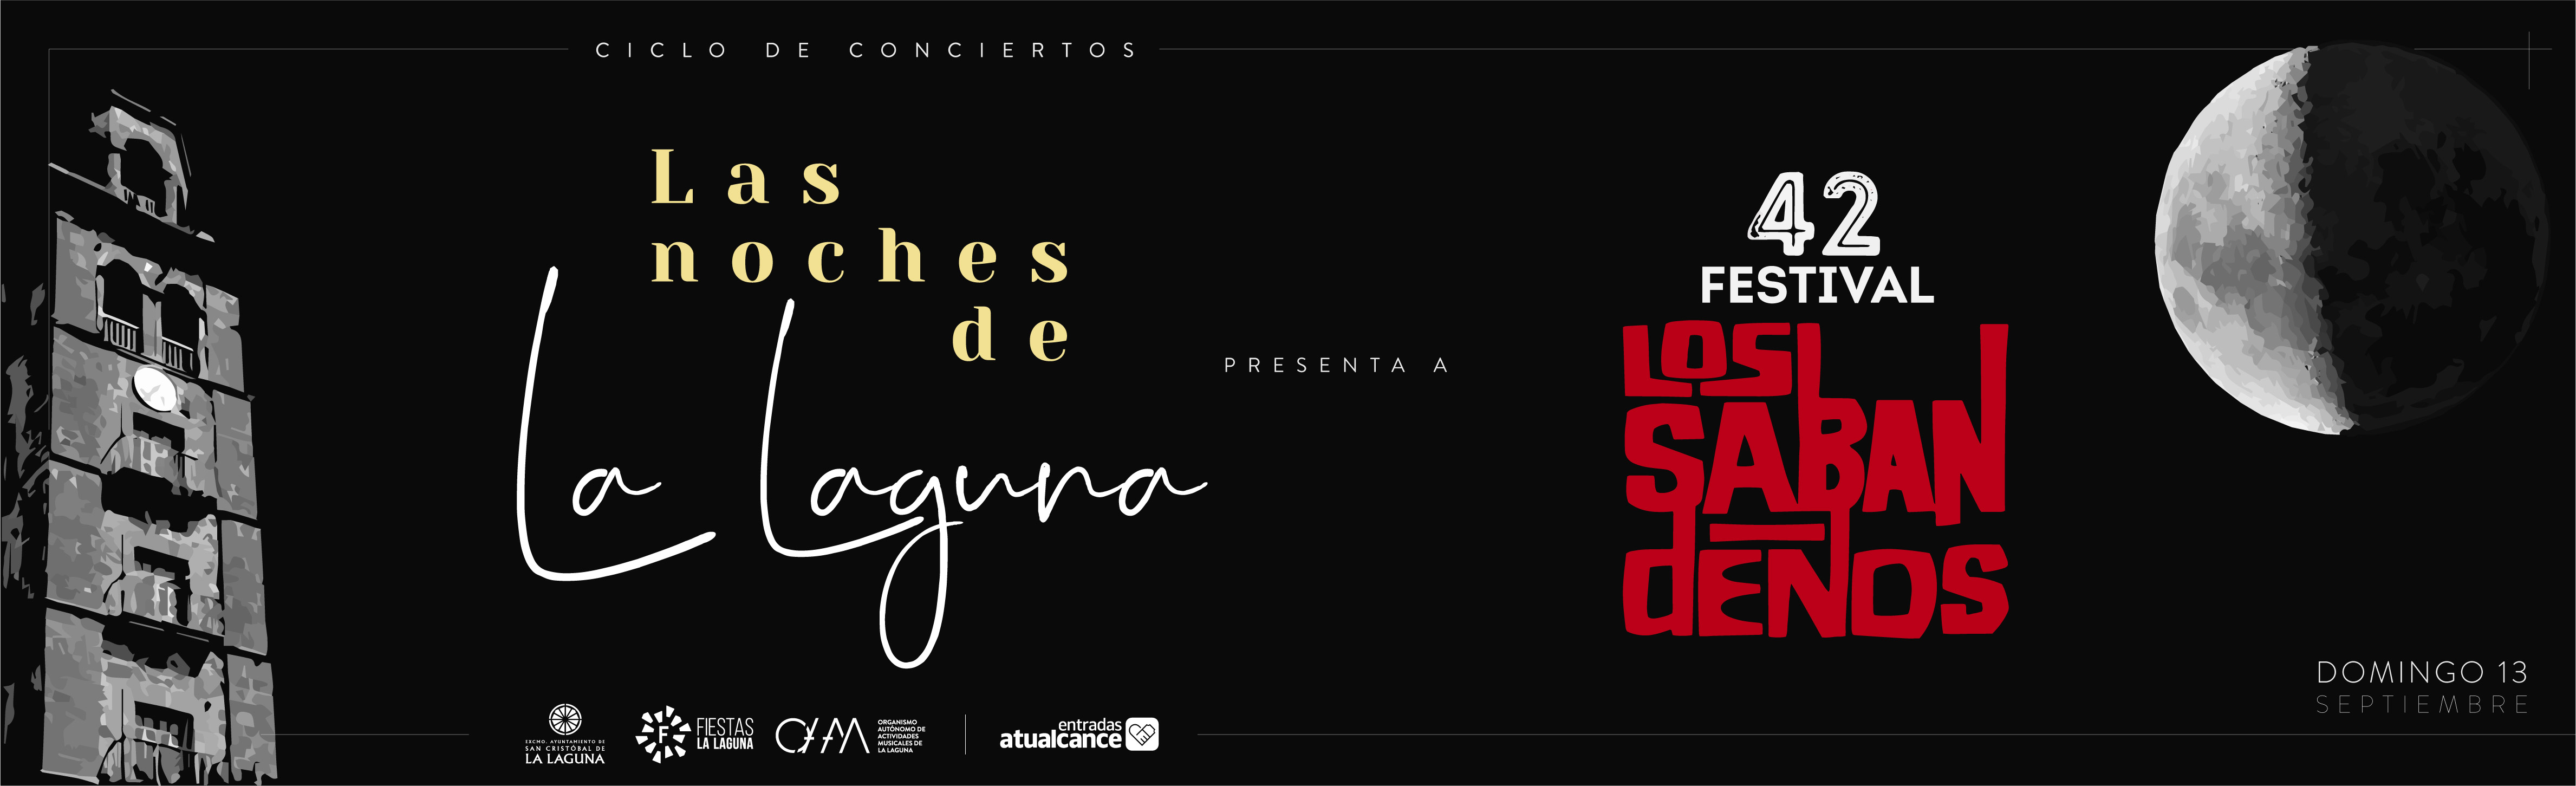 ciclo-de-conciertos-las-noches-de-la-laguna-los-sabandenos-5f59d7cca764d.jpeg